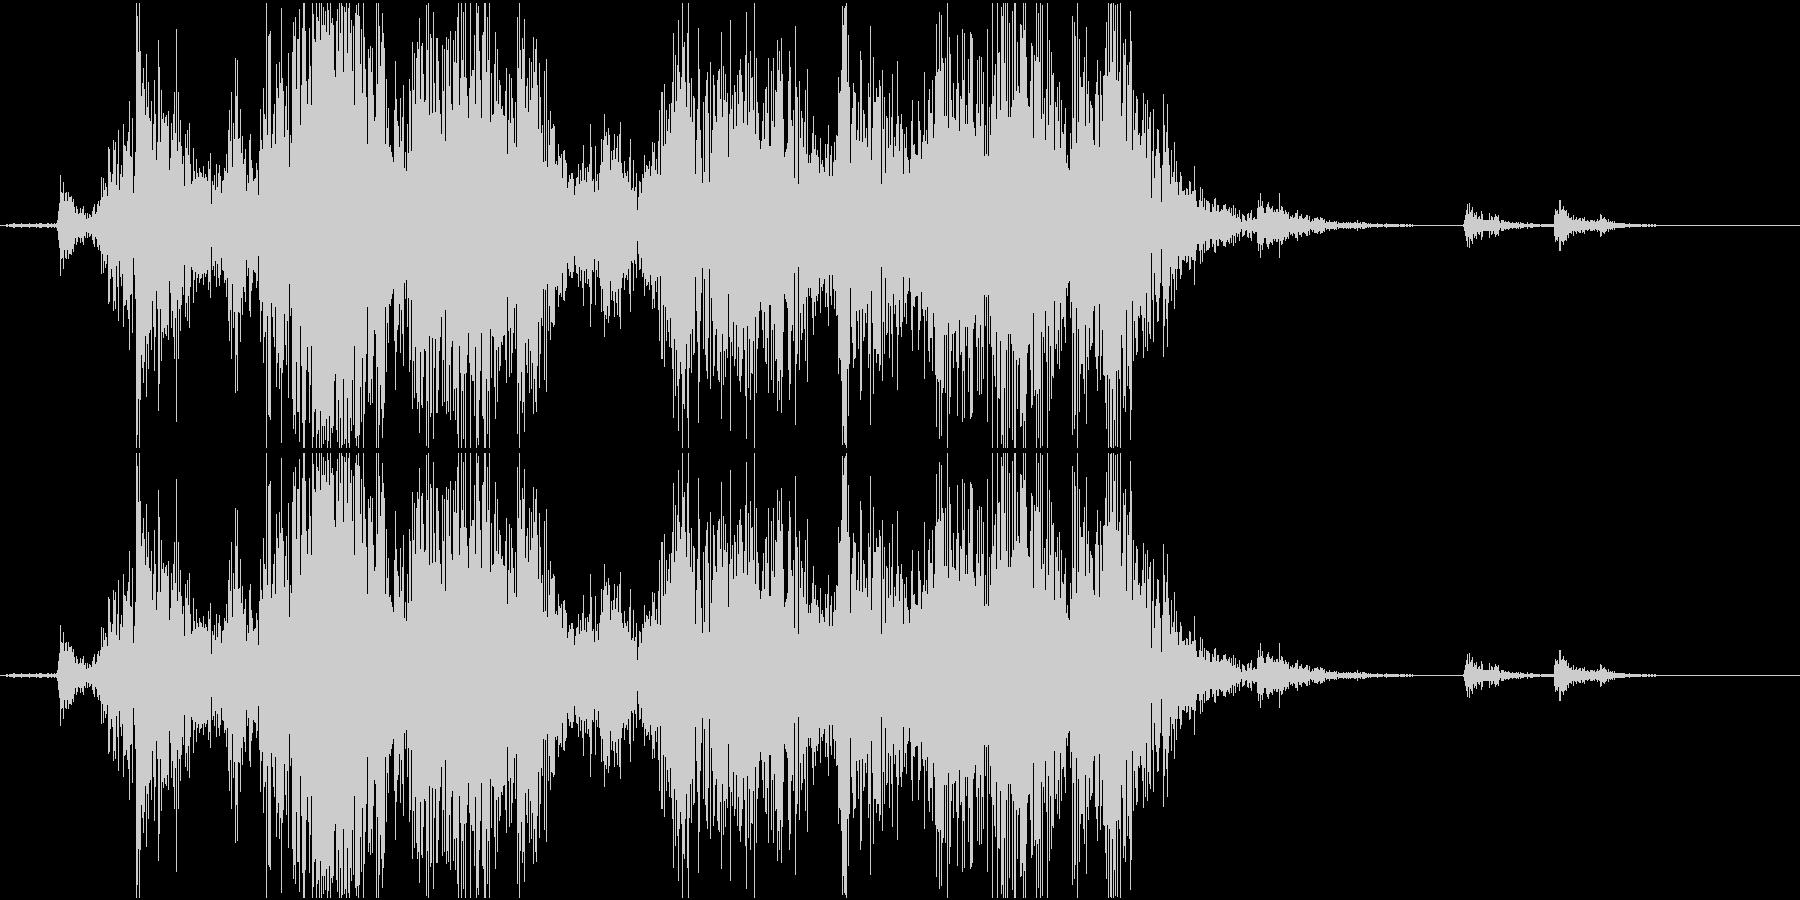 Material カトラリーボックスの音の未再生の波形